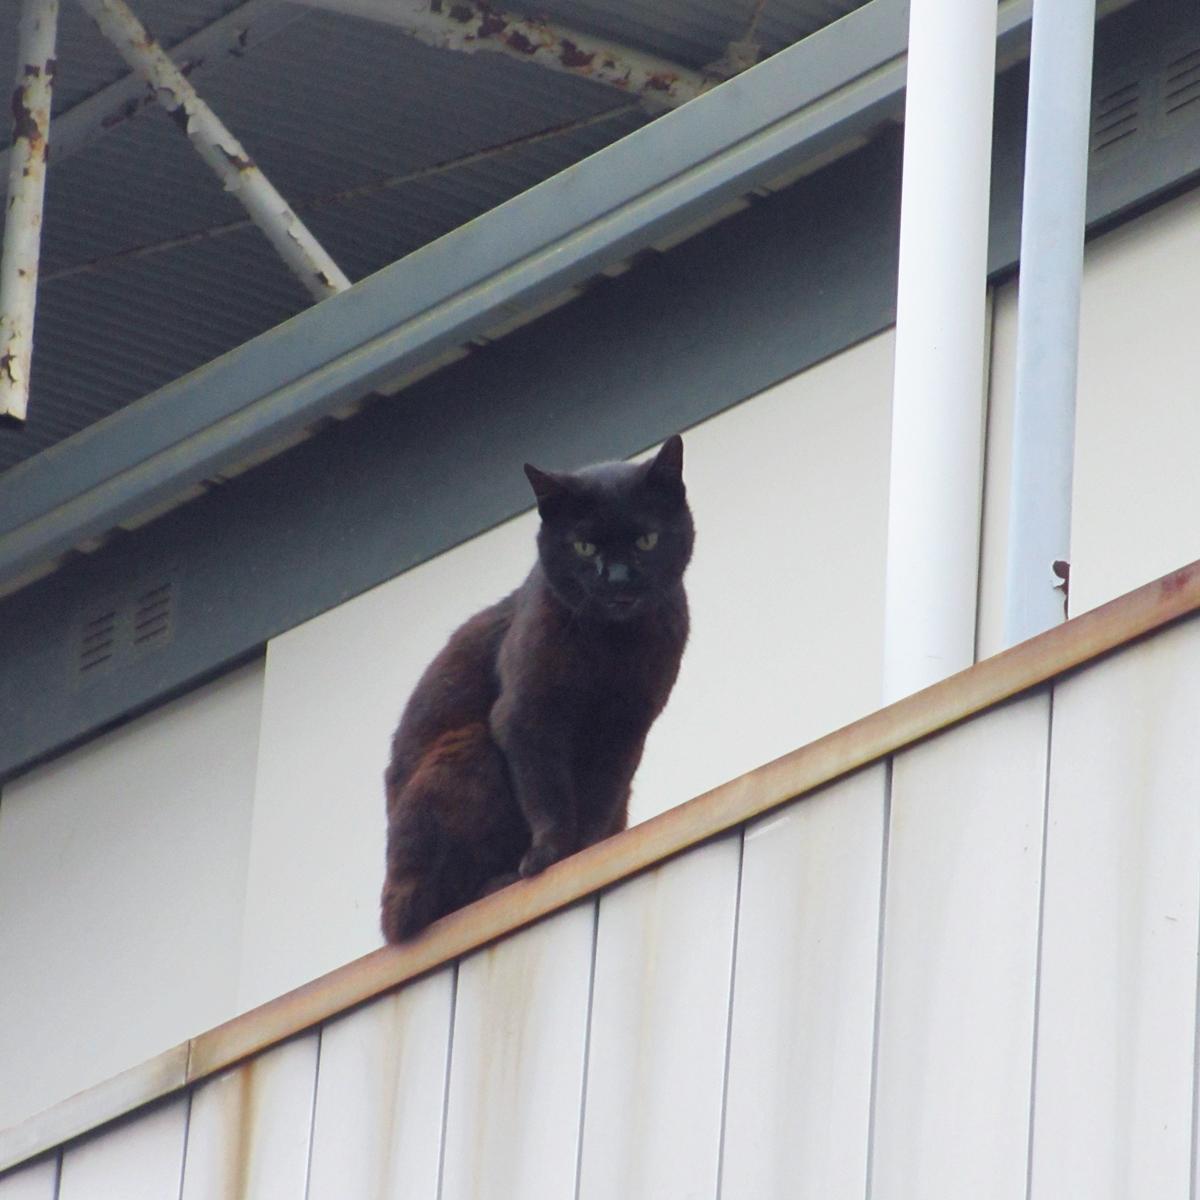 天空からのご指名か?黒猫から呼び止められました20150617-01